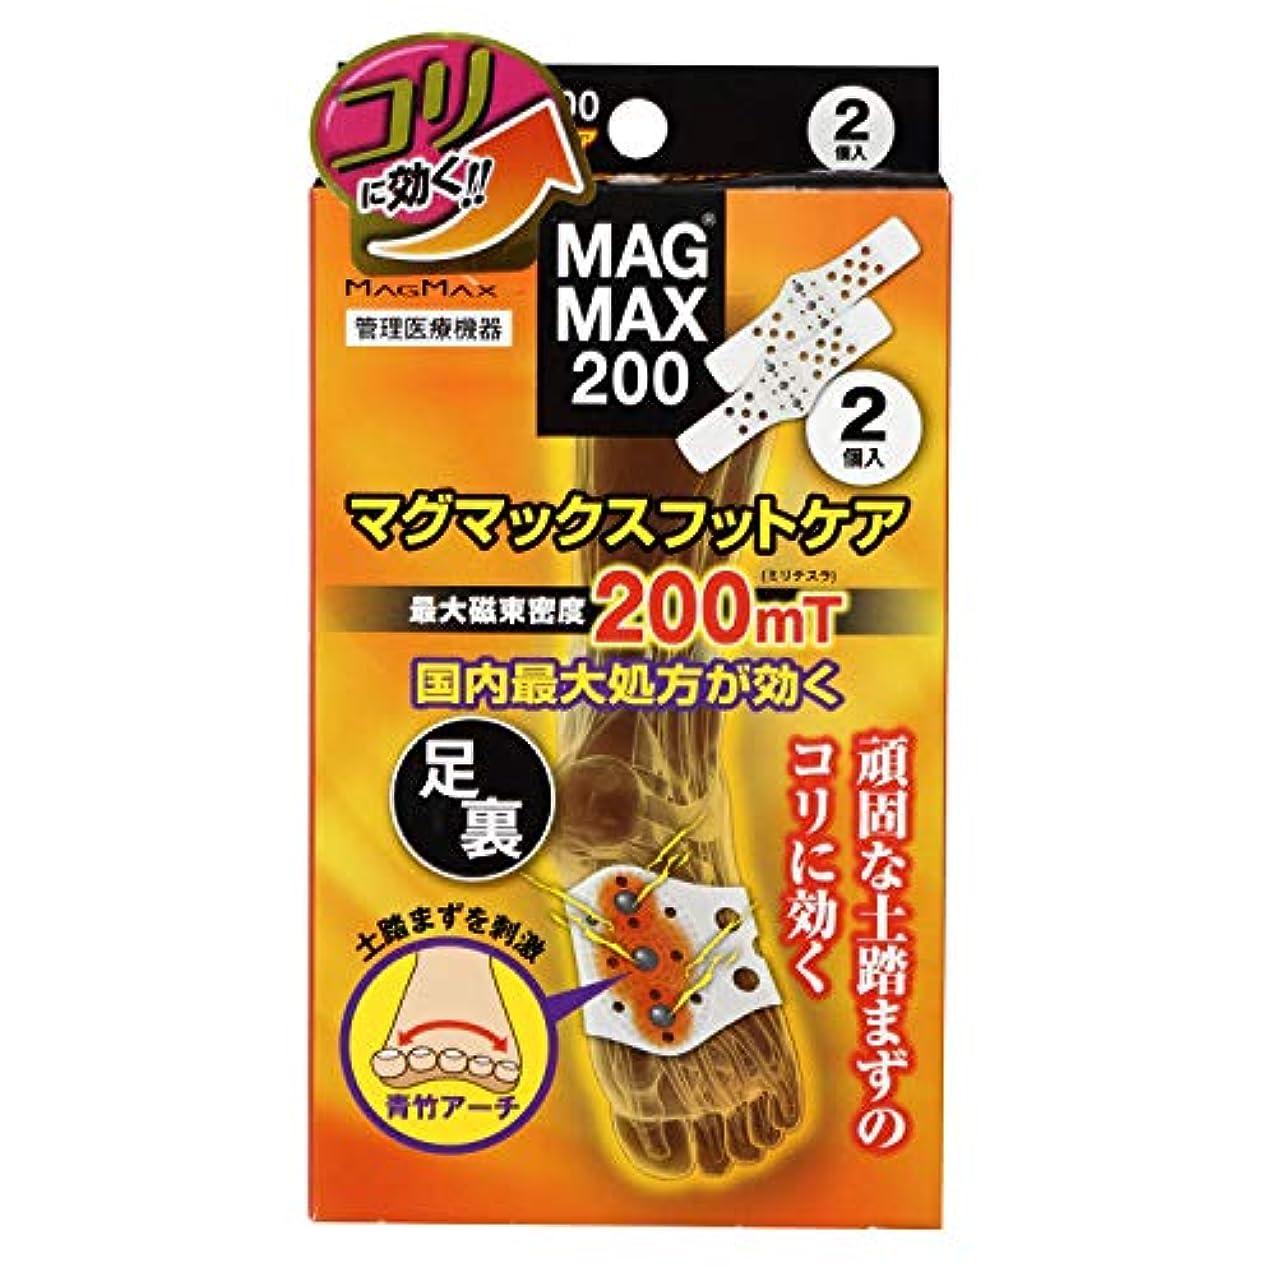 スクリュー治世健康的マグマックスフットケア MAGMAX200 足裏用磁気ベルト マグネットケア 磁束密度200mT (2個入り)